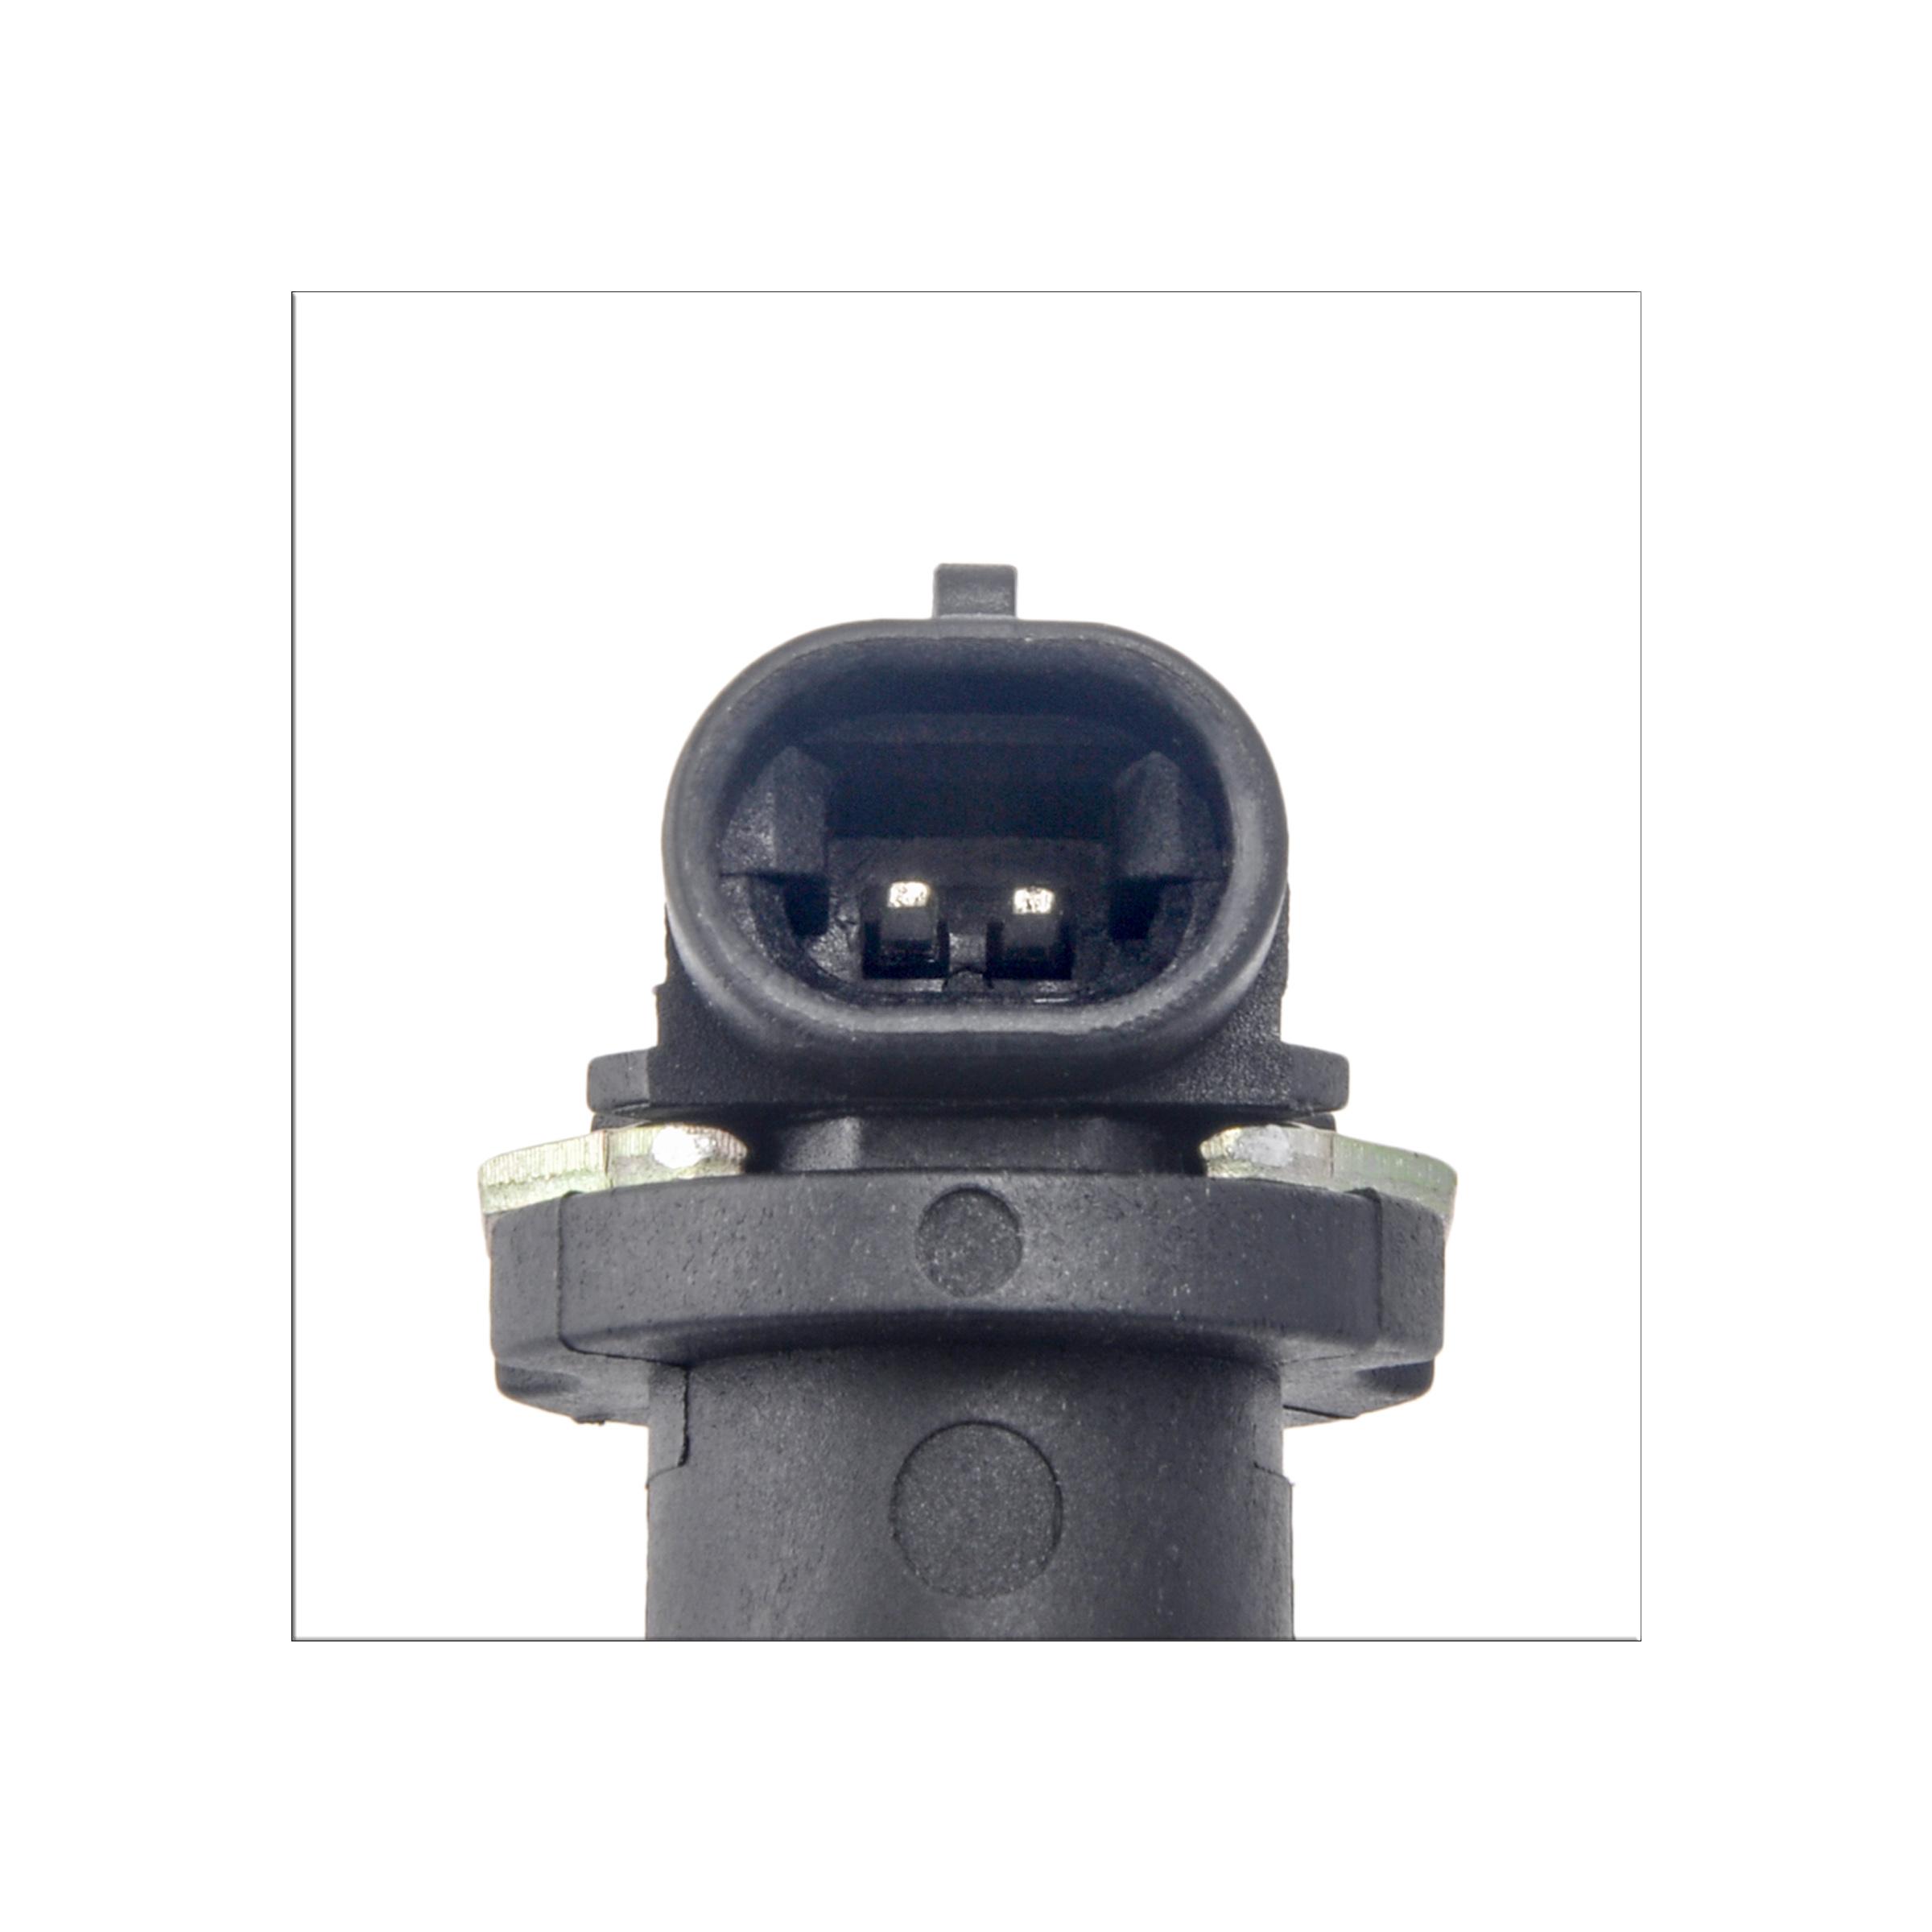 2001 Buick Lesabre Camshaft: New Herko Crankshaft Position Sensor CKP2000 For Buick